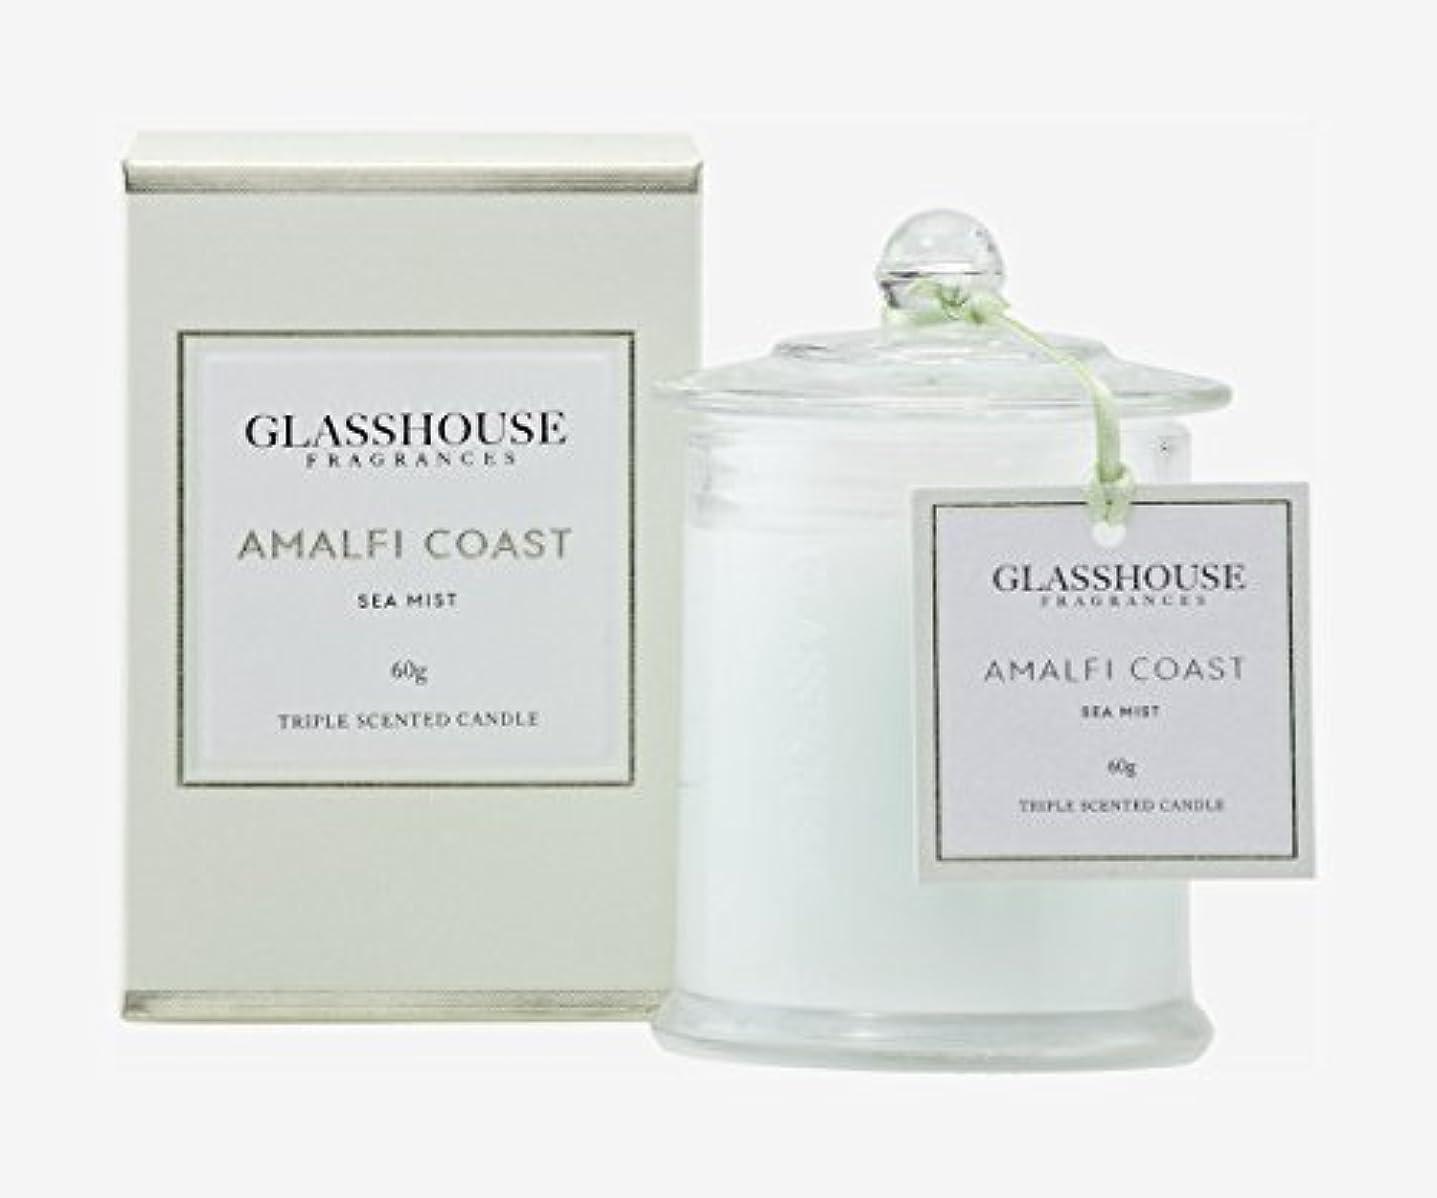 十一特異性雪のグラスハウス-GLASSHOUSE- キャンドル ミニアロマキャンドル#アマルフィコースト 60g [並行輸入品]